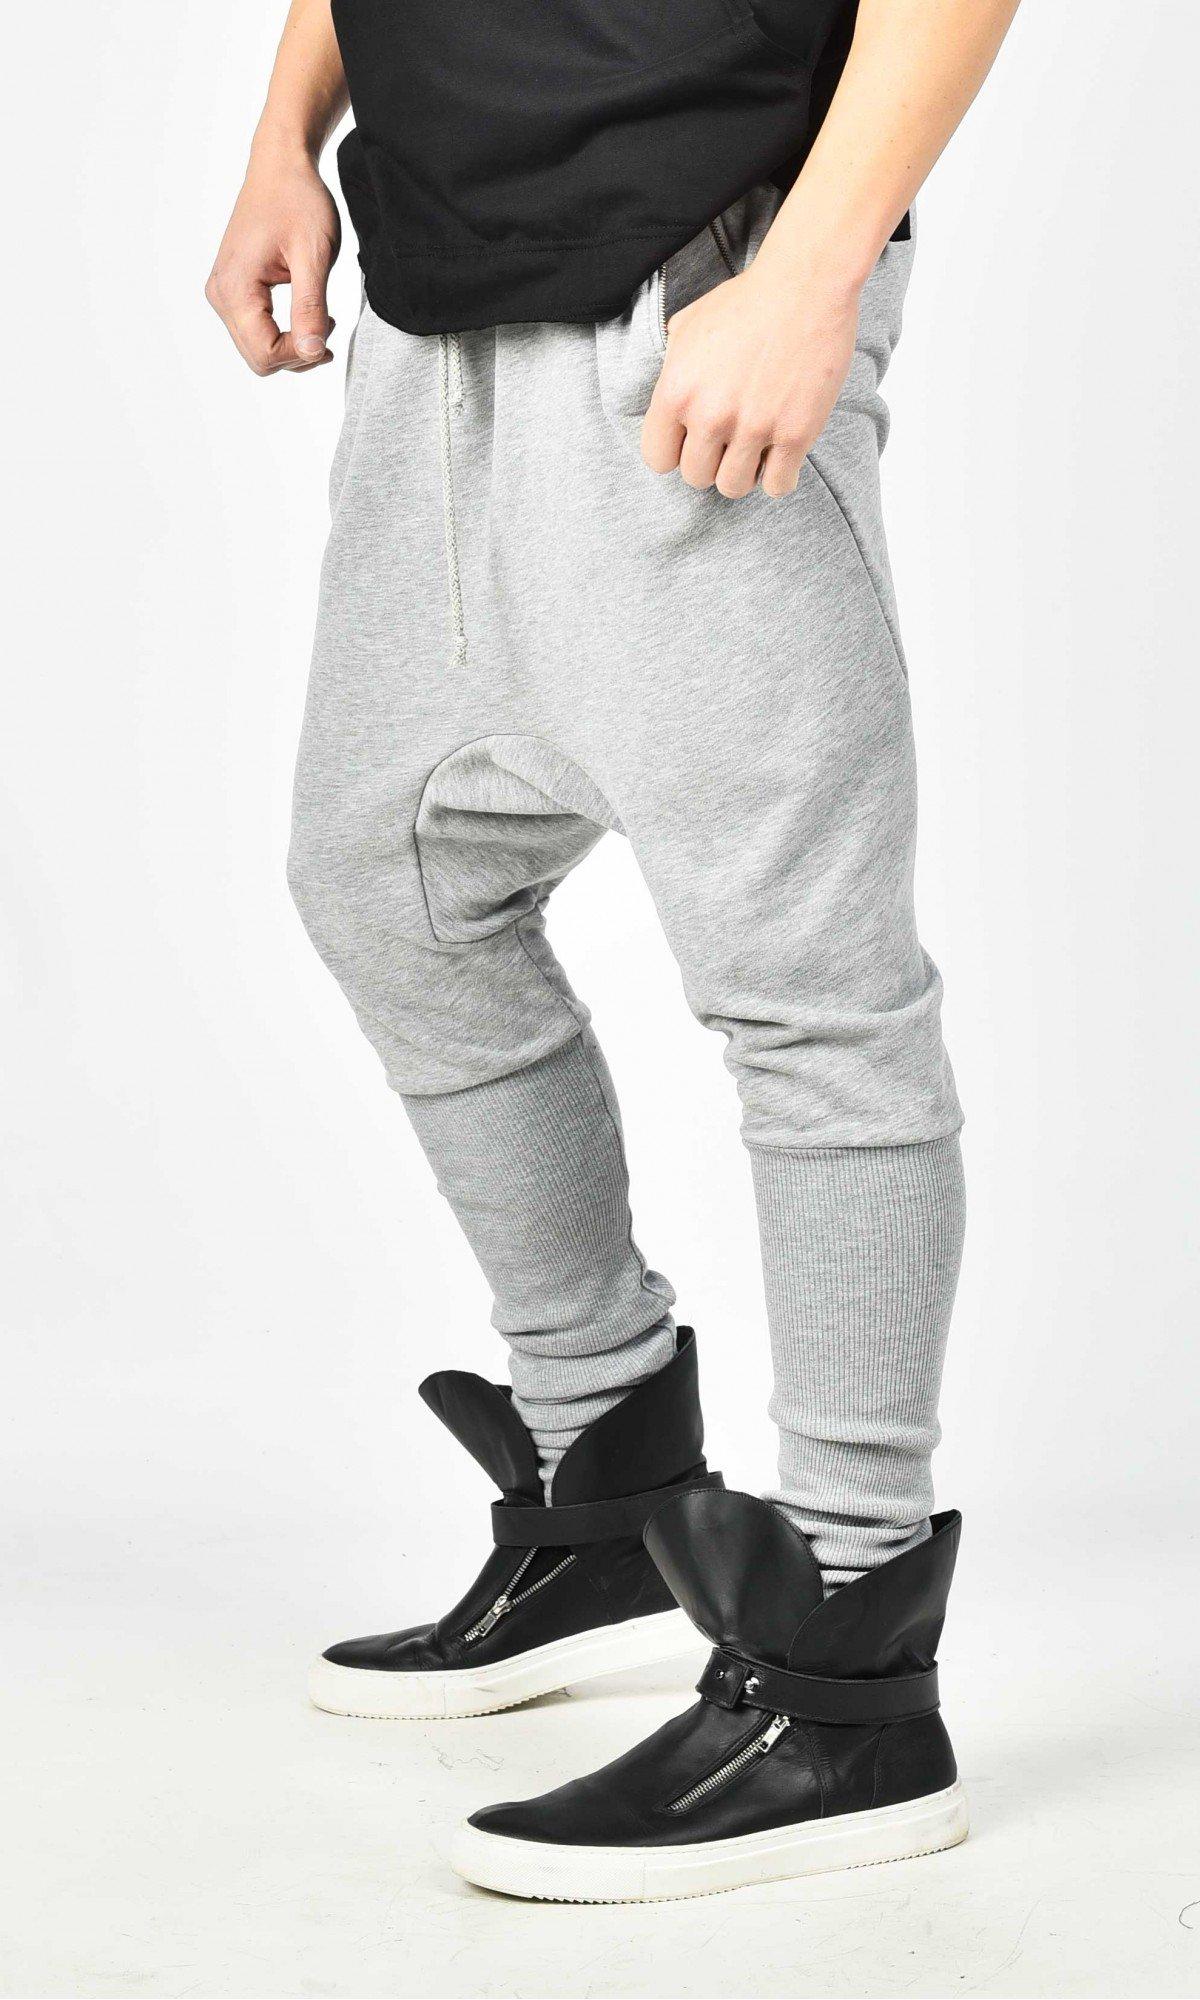 Drop Crotch Jogger Pants with elastic cuffs A90341M